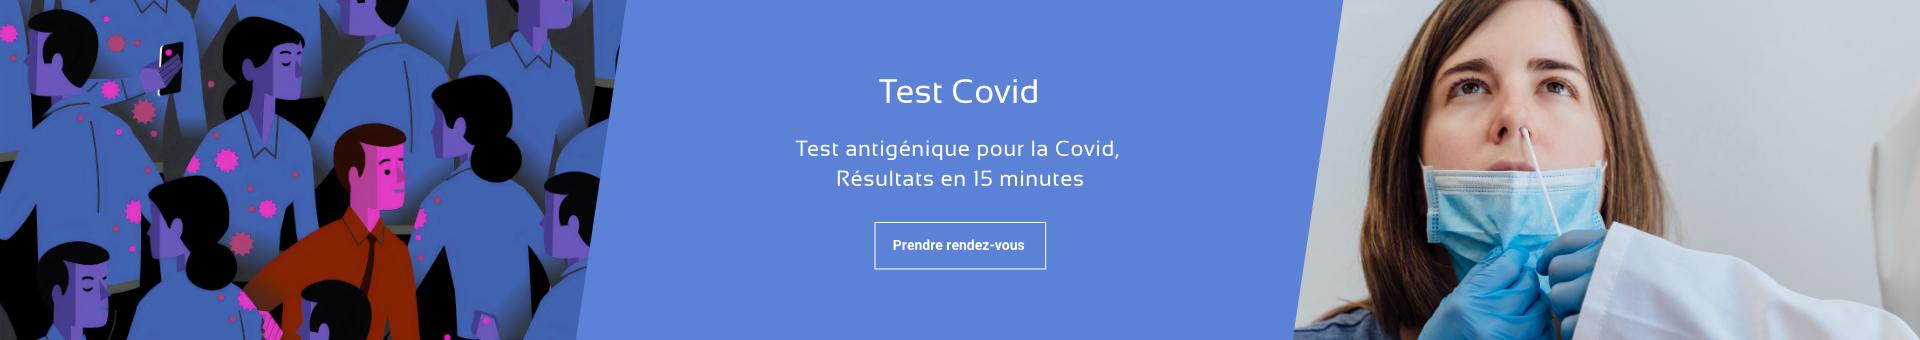 Test Covid antigénique et Test Sanguin